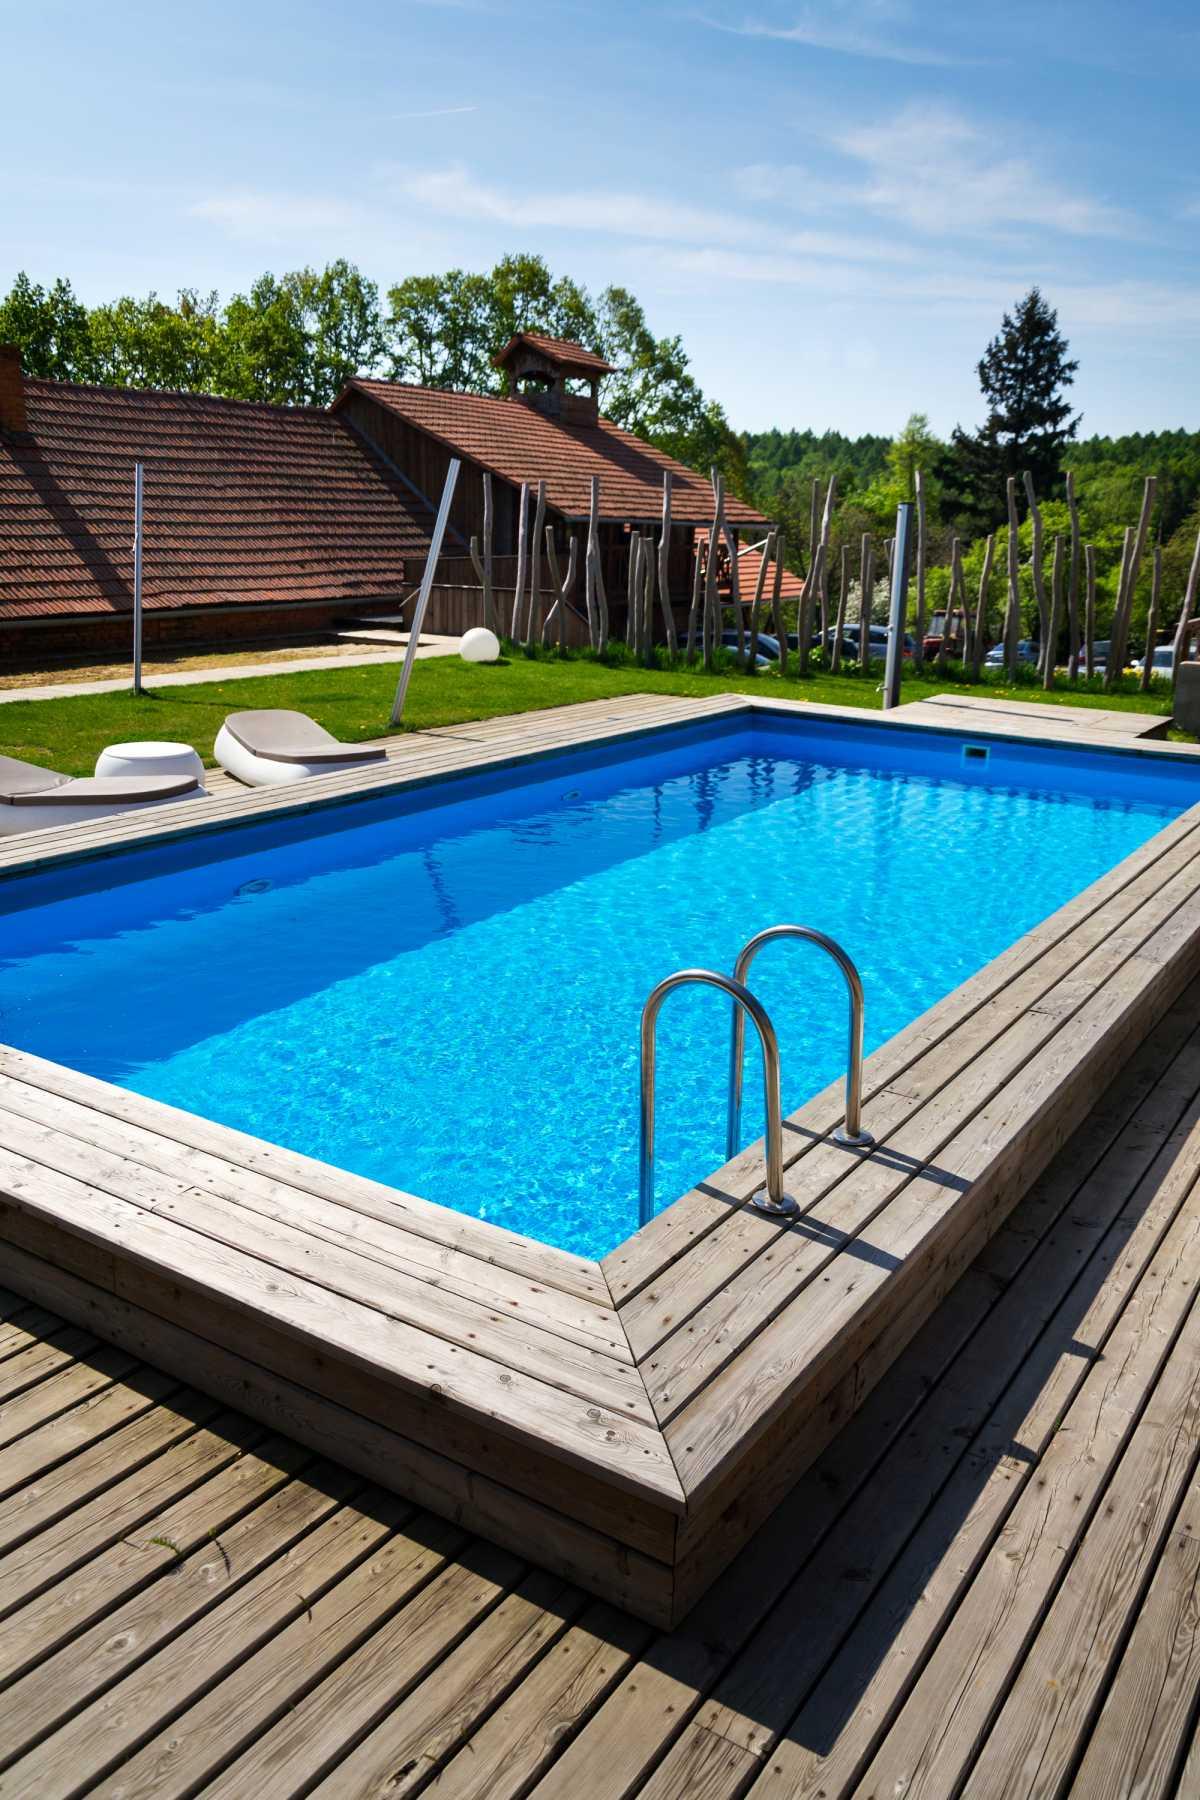 piscina retangular com bordas acima do nível do piso